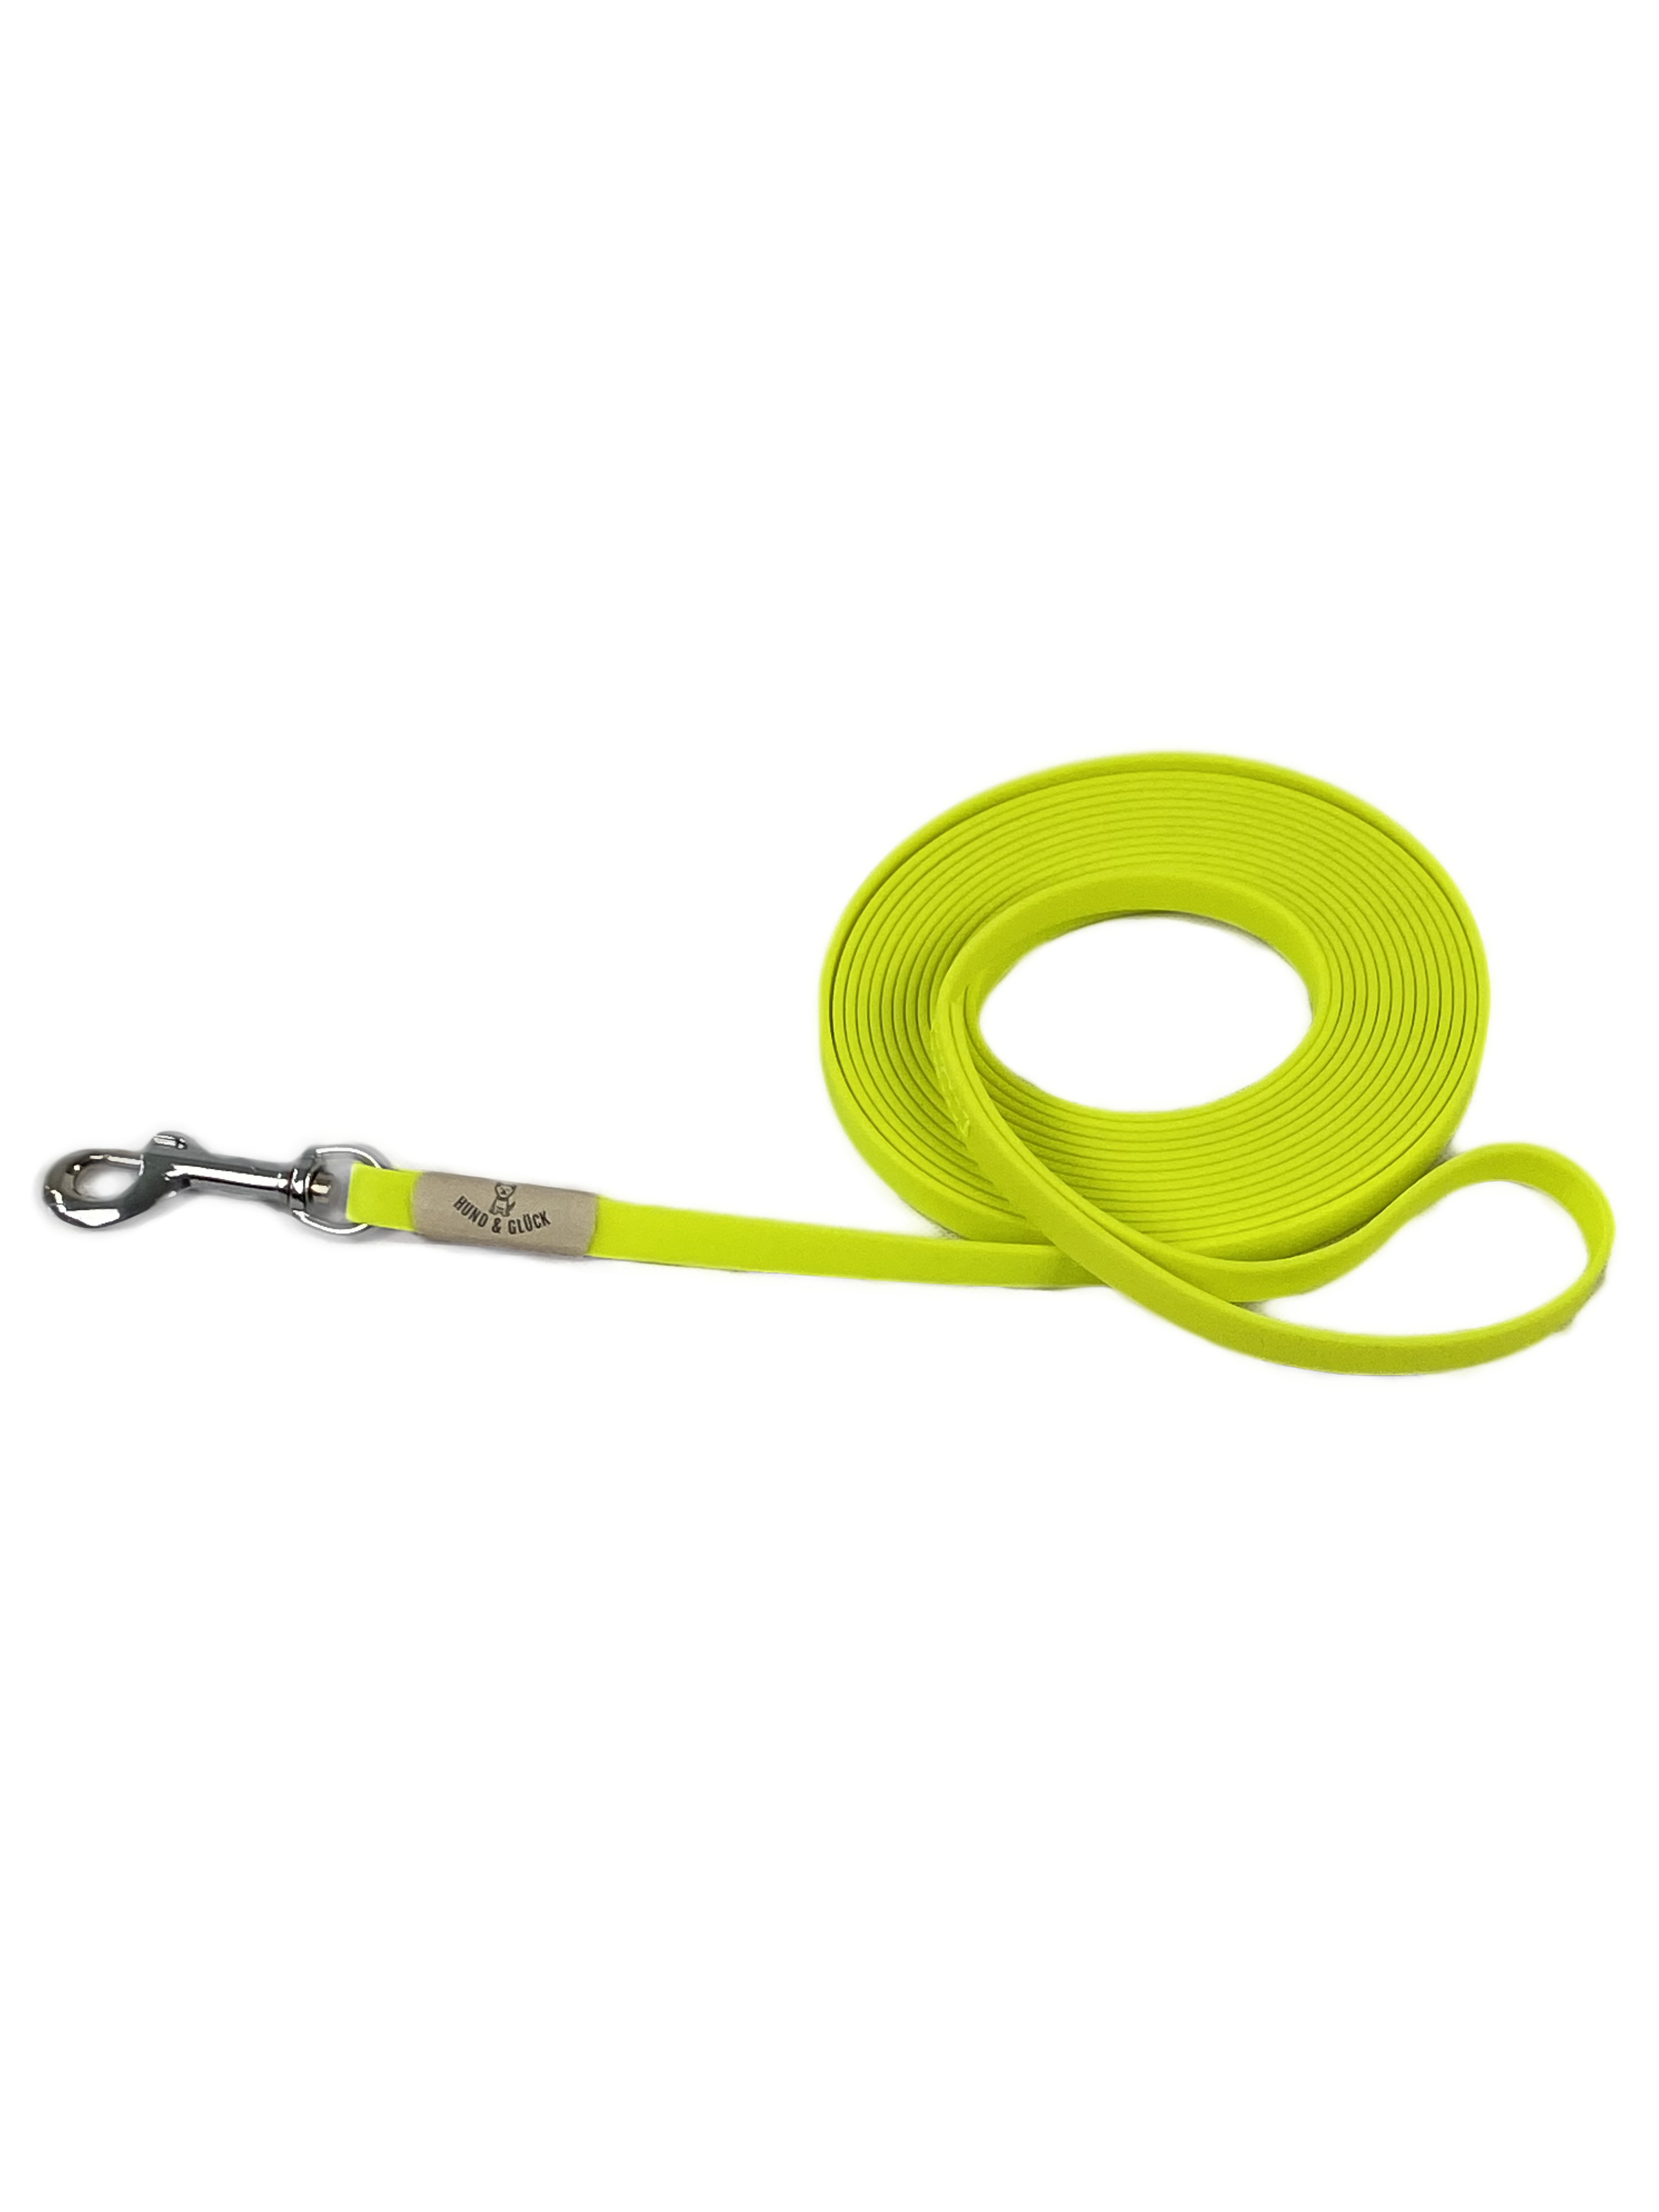 Schleppleine Handschlaufe gelb Biothane Hund 5m_10_m_15m_13mm